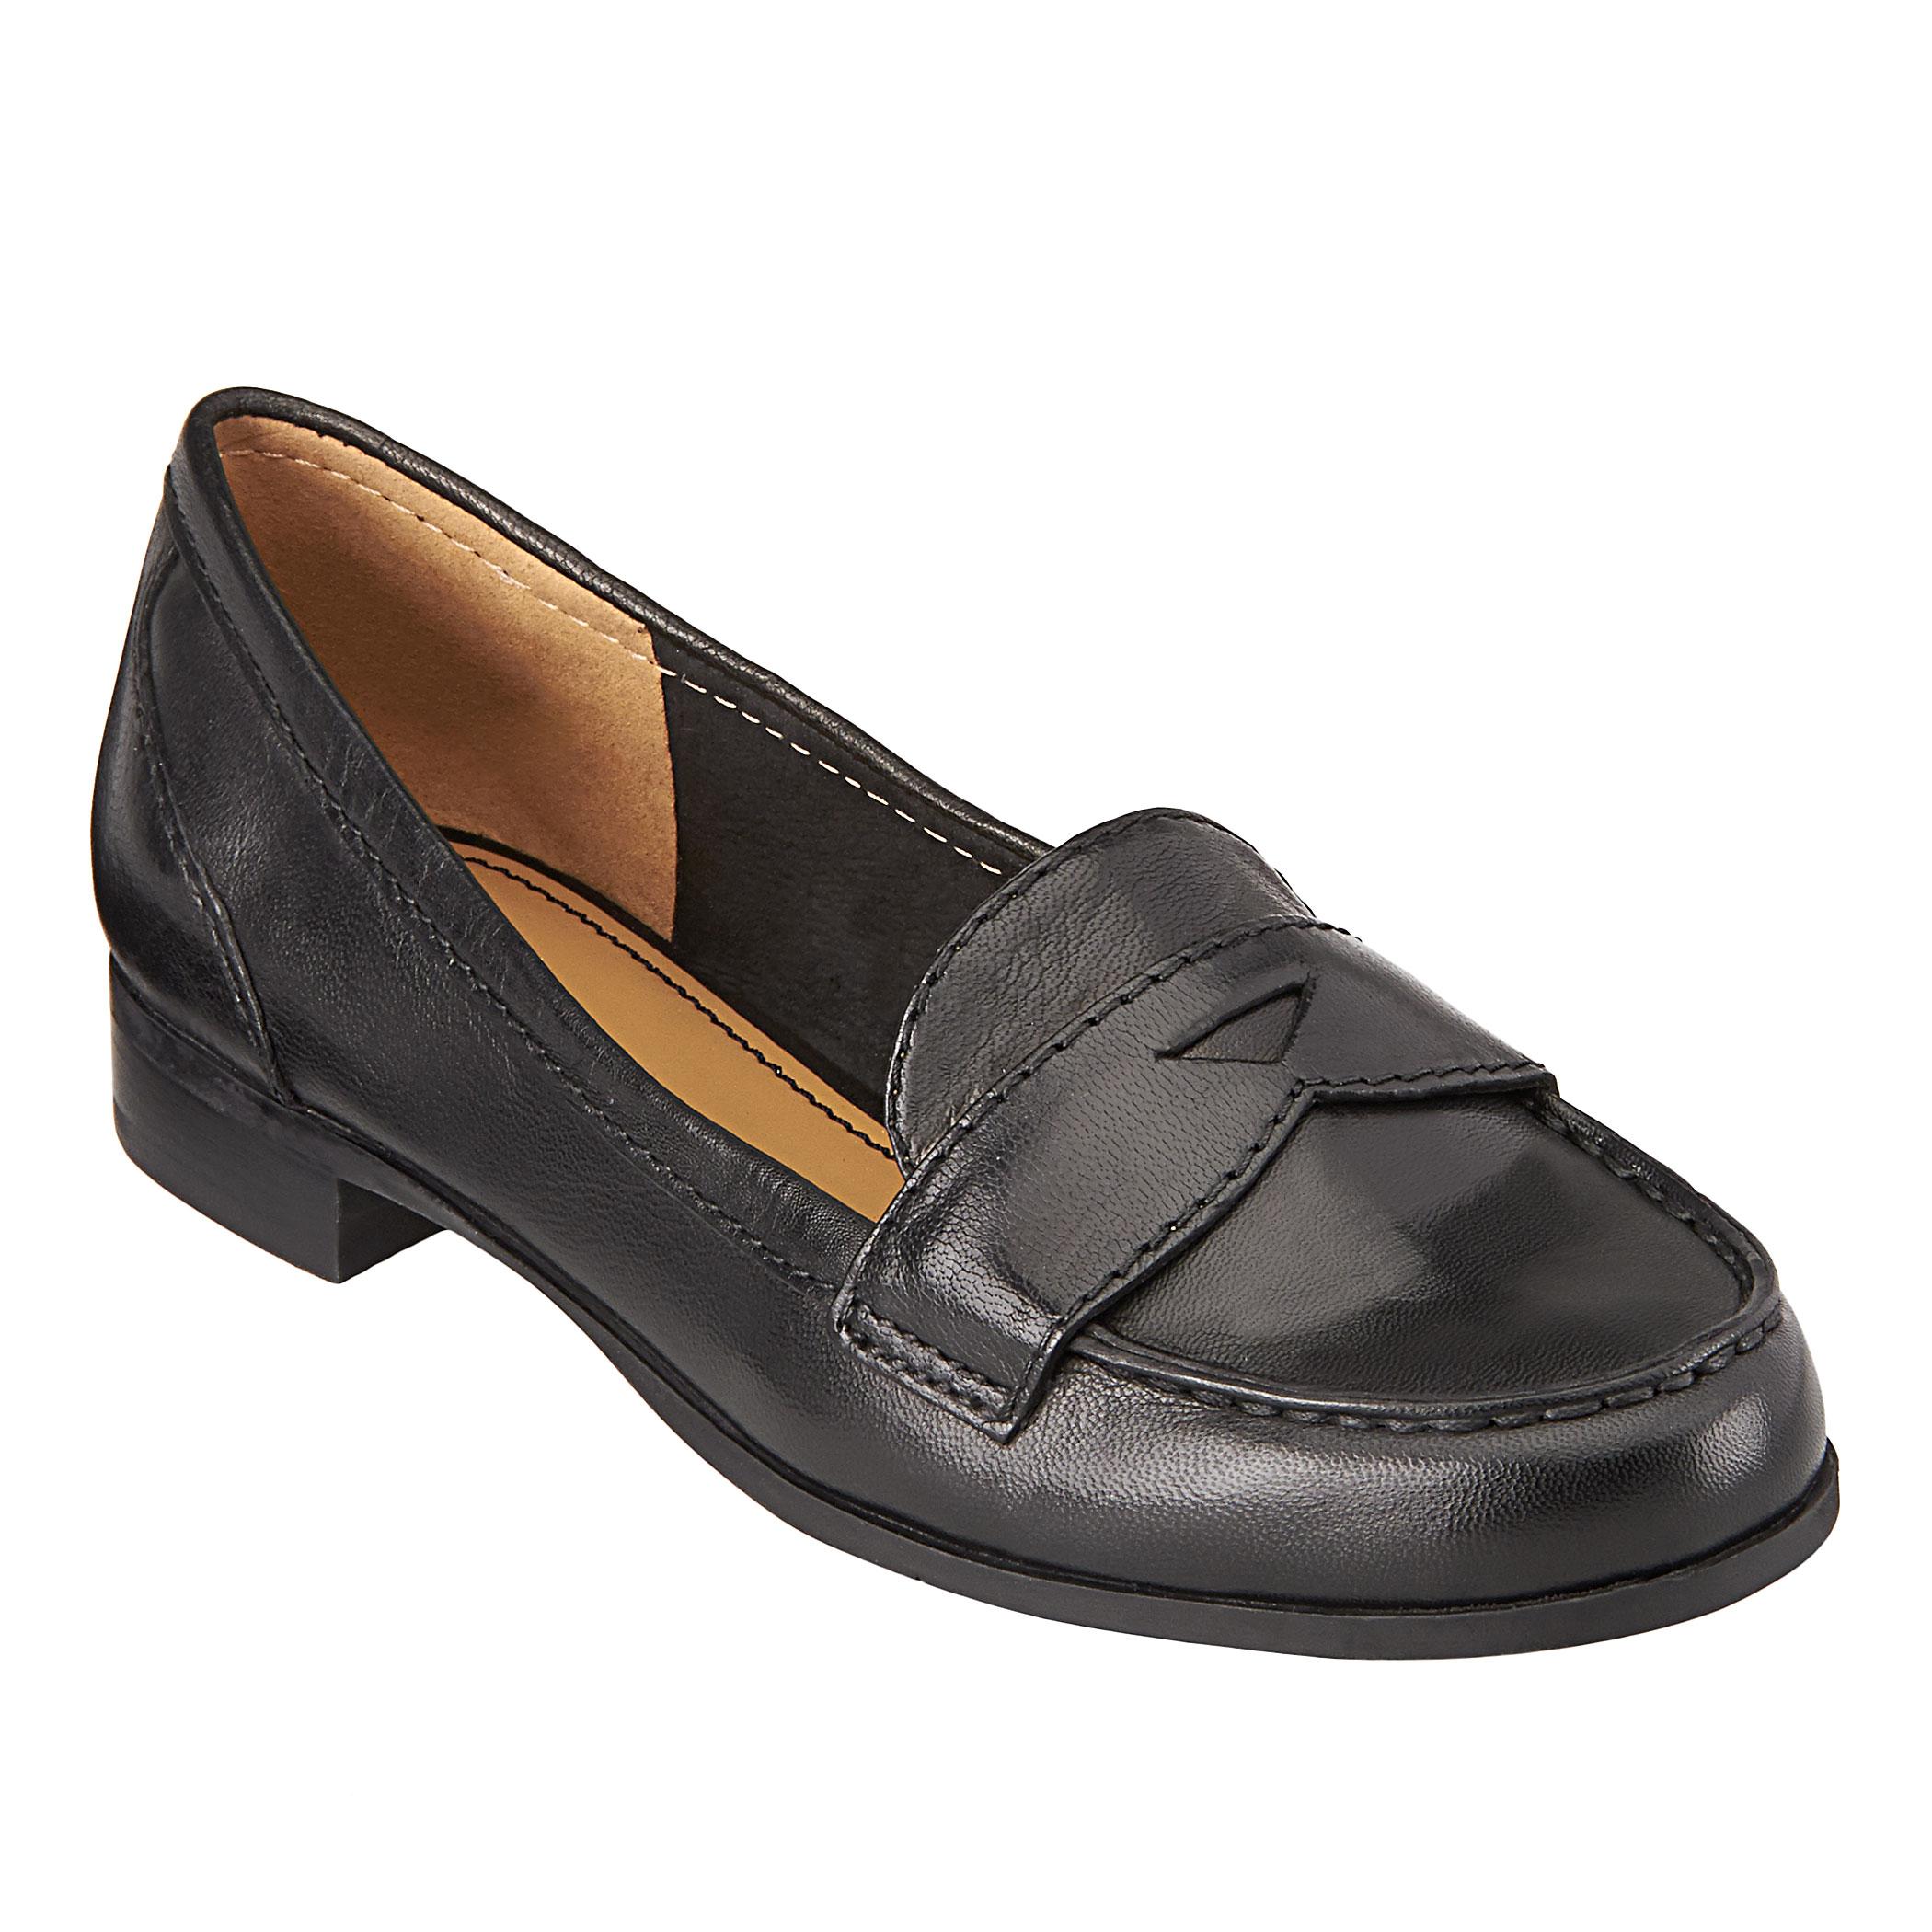 acaeaf20c2d Lyst - Nine West Sabeena Penny Loafer in Black